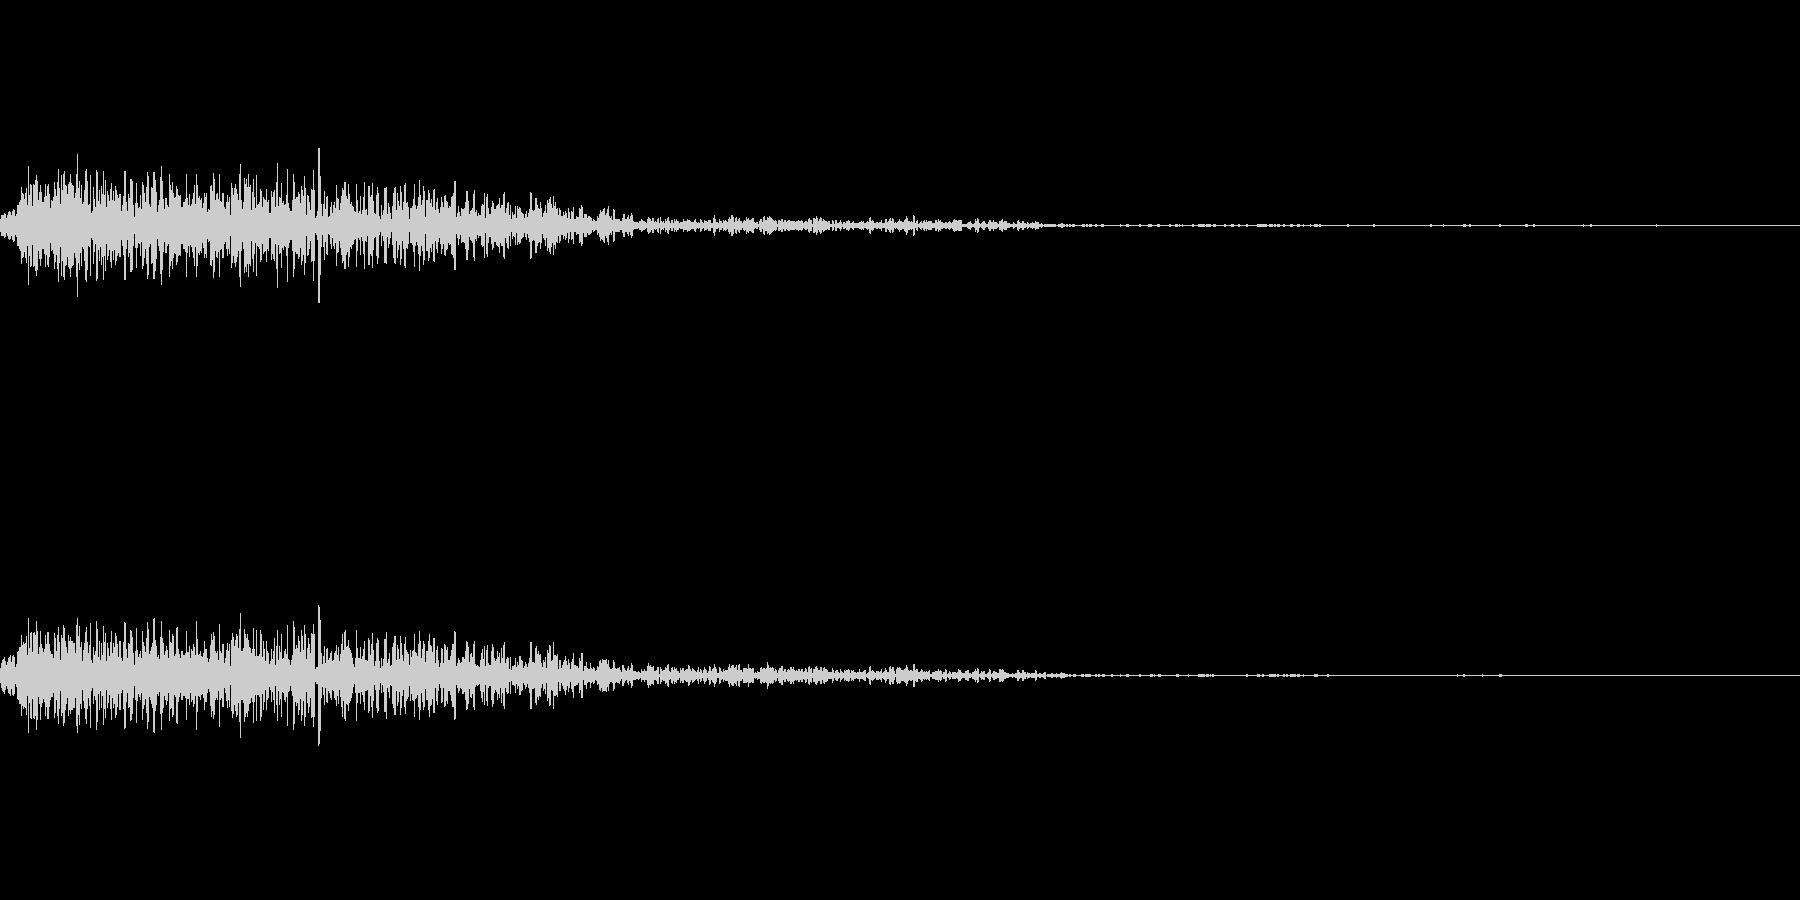 爆弾の爆発音の未再生の波形